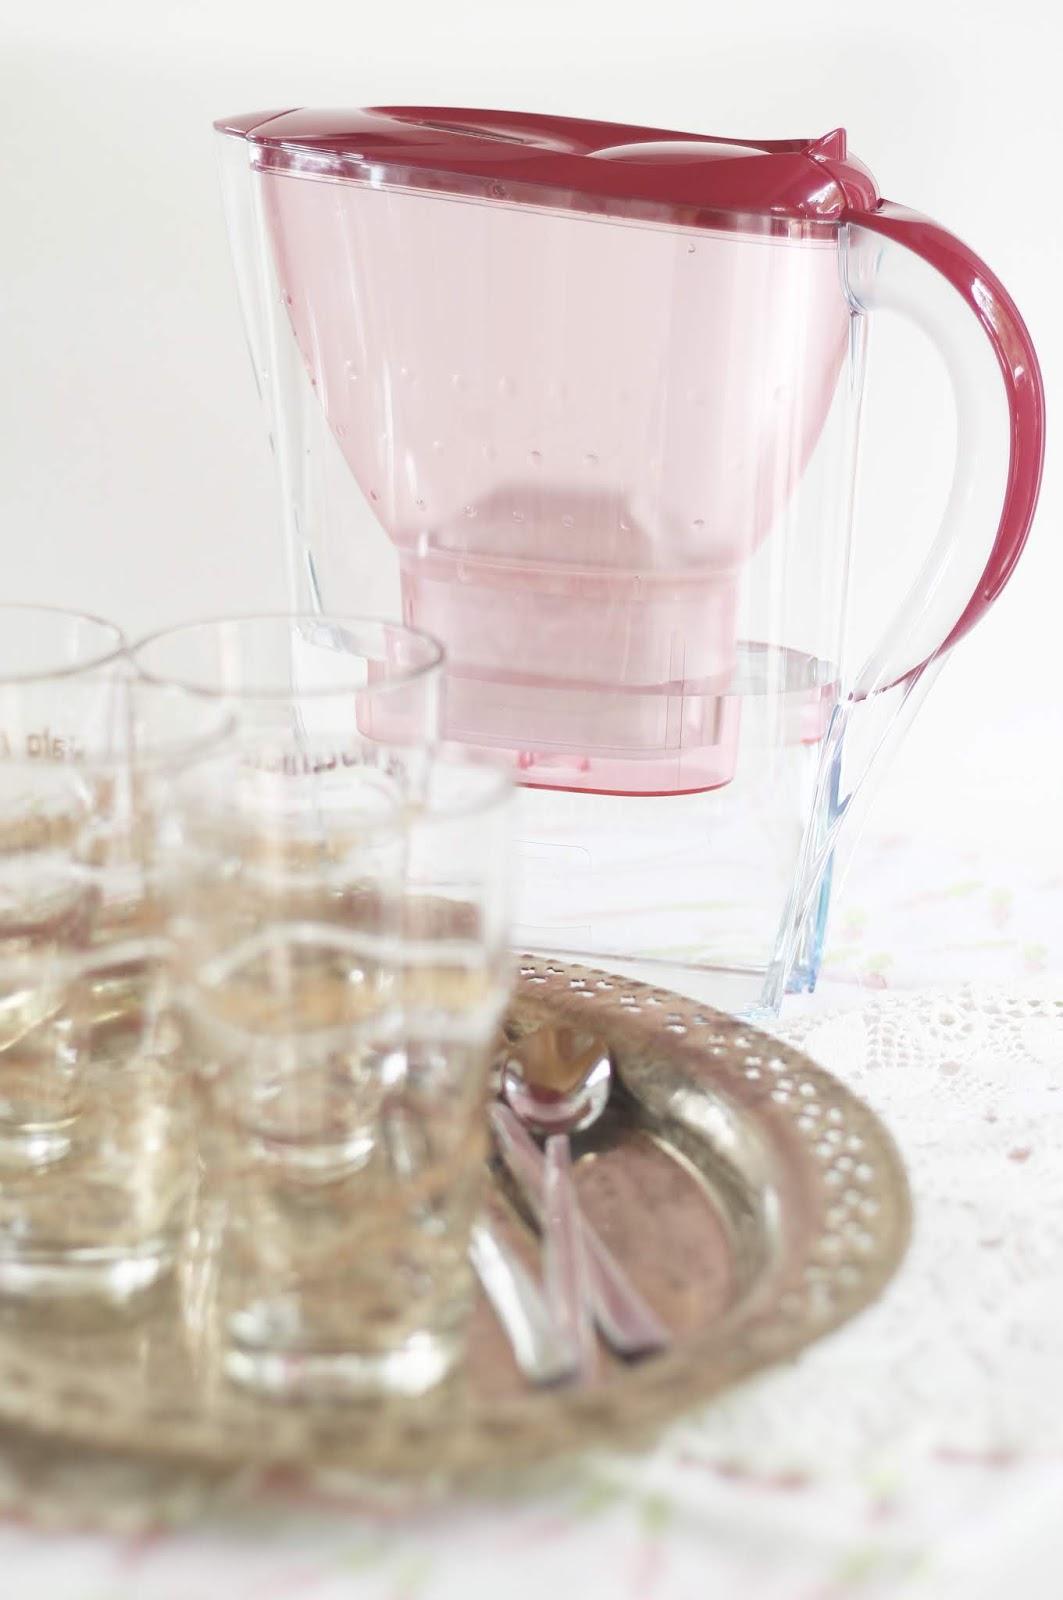 Gewinne einen Brita-Tischwasserfilter und das Rezept für die leckerste Kaffeespezialität dieses Sommers!